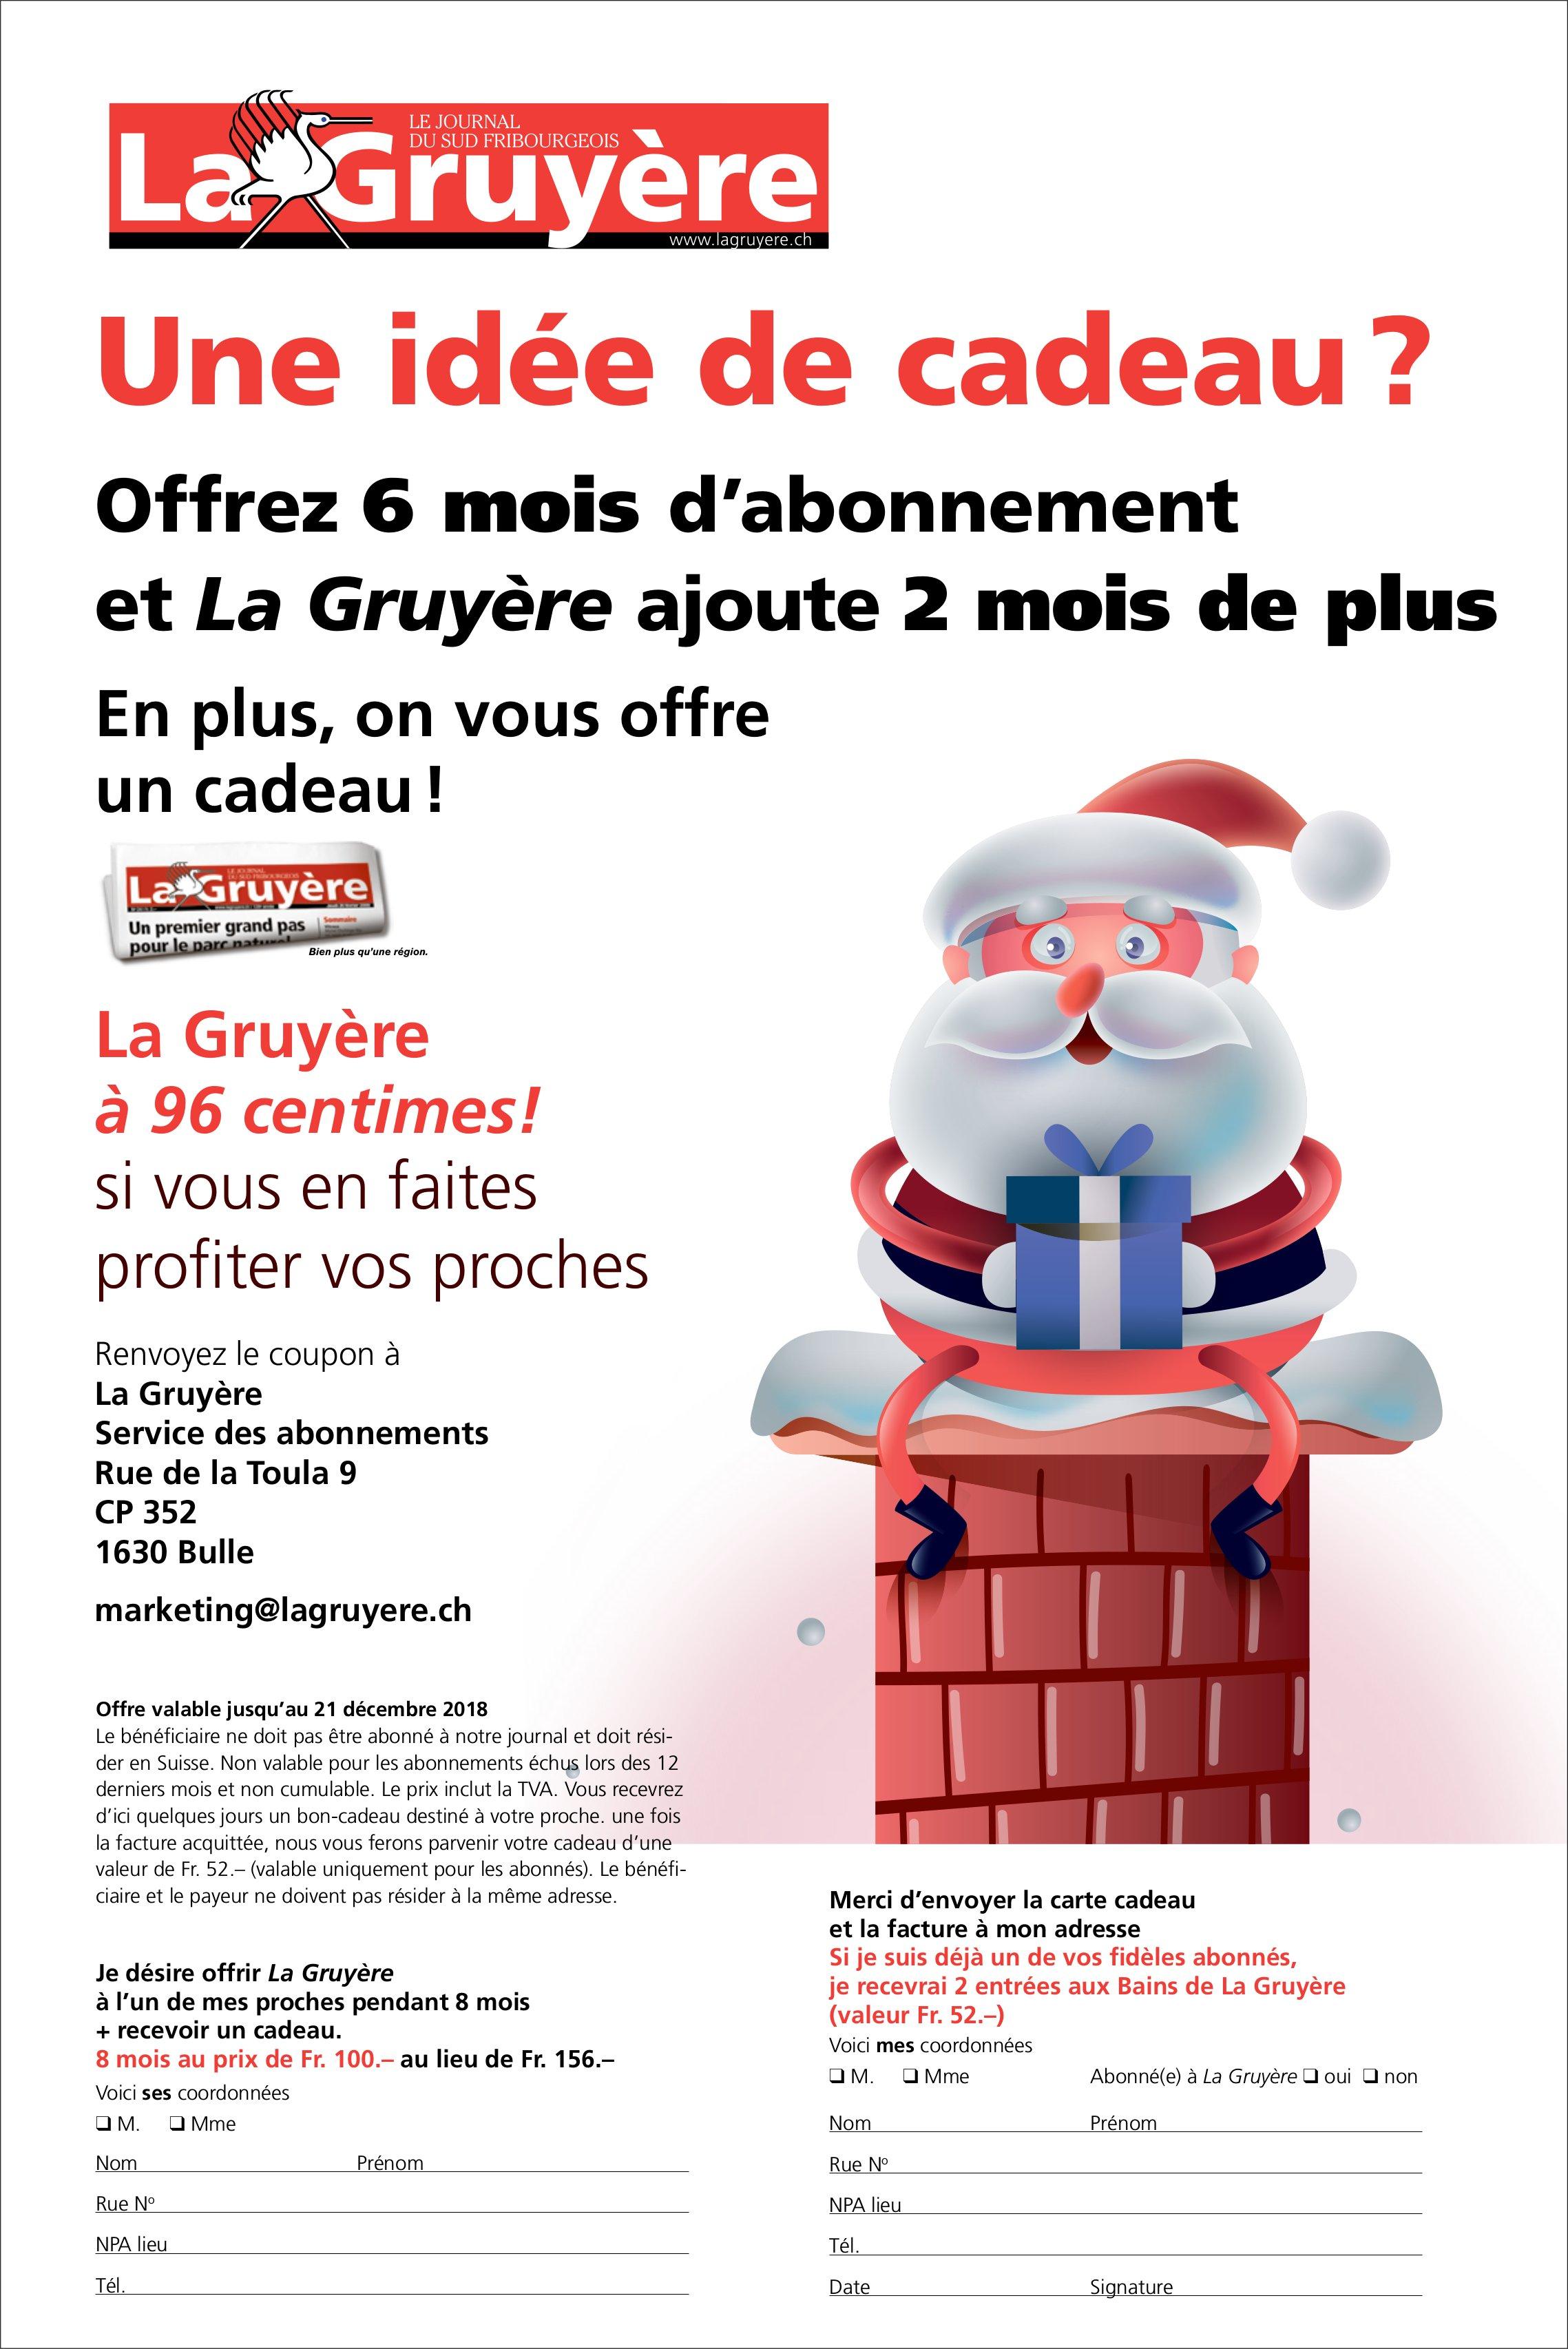 La Gruyère - Offrez 6 mois d'abonnement et La Gruyère ajoute 2 mois de plus